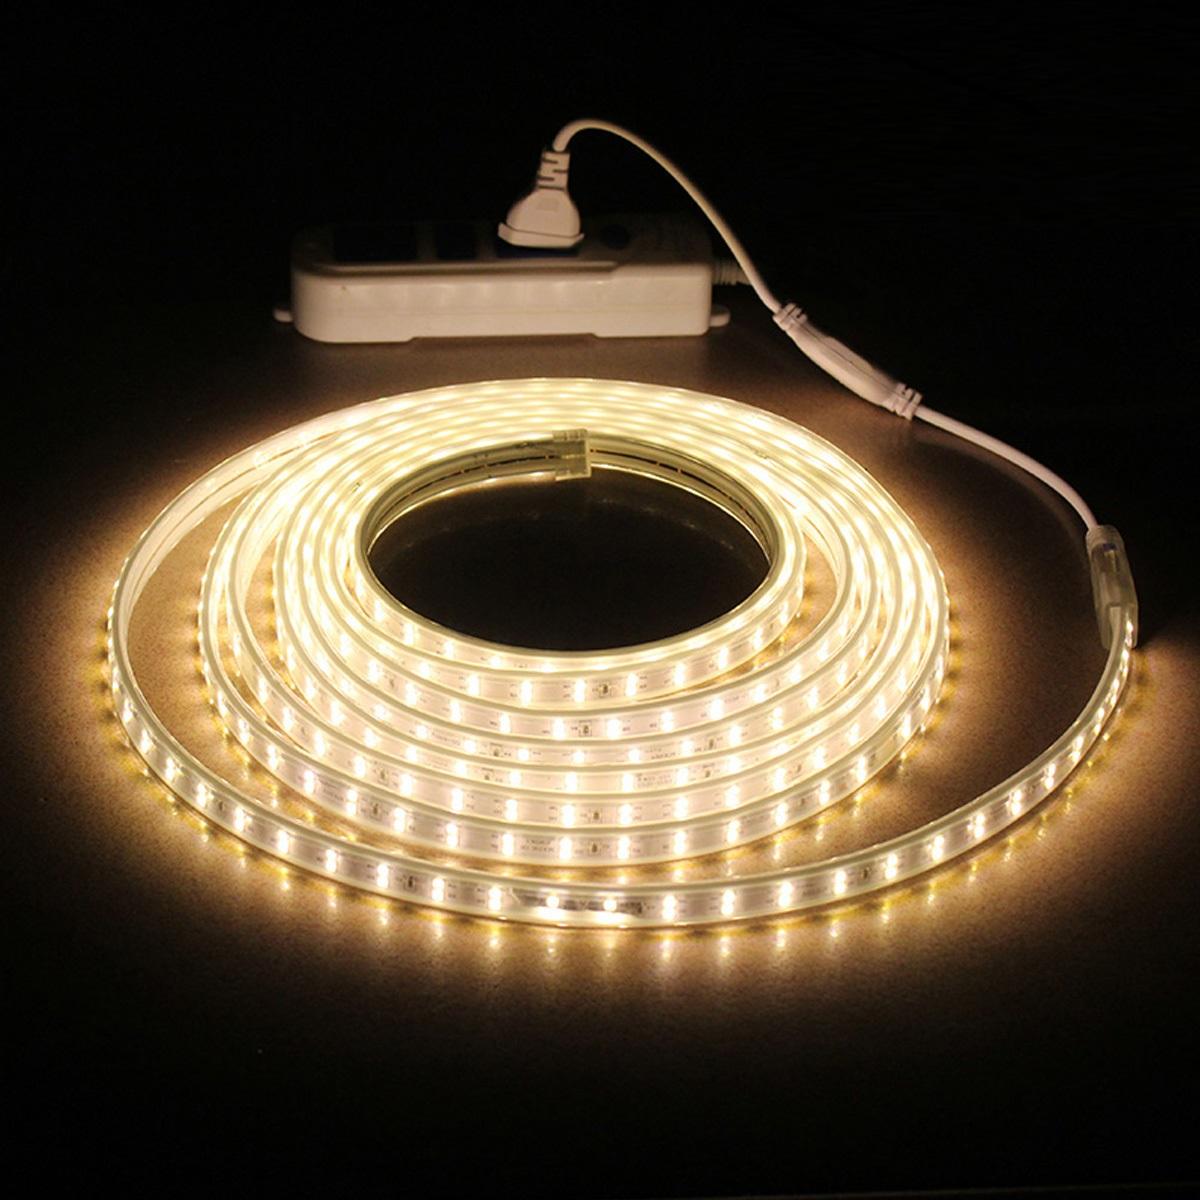 Nguồn Led dây 220v tiện lợi , dễ dàng sử dụng